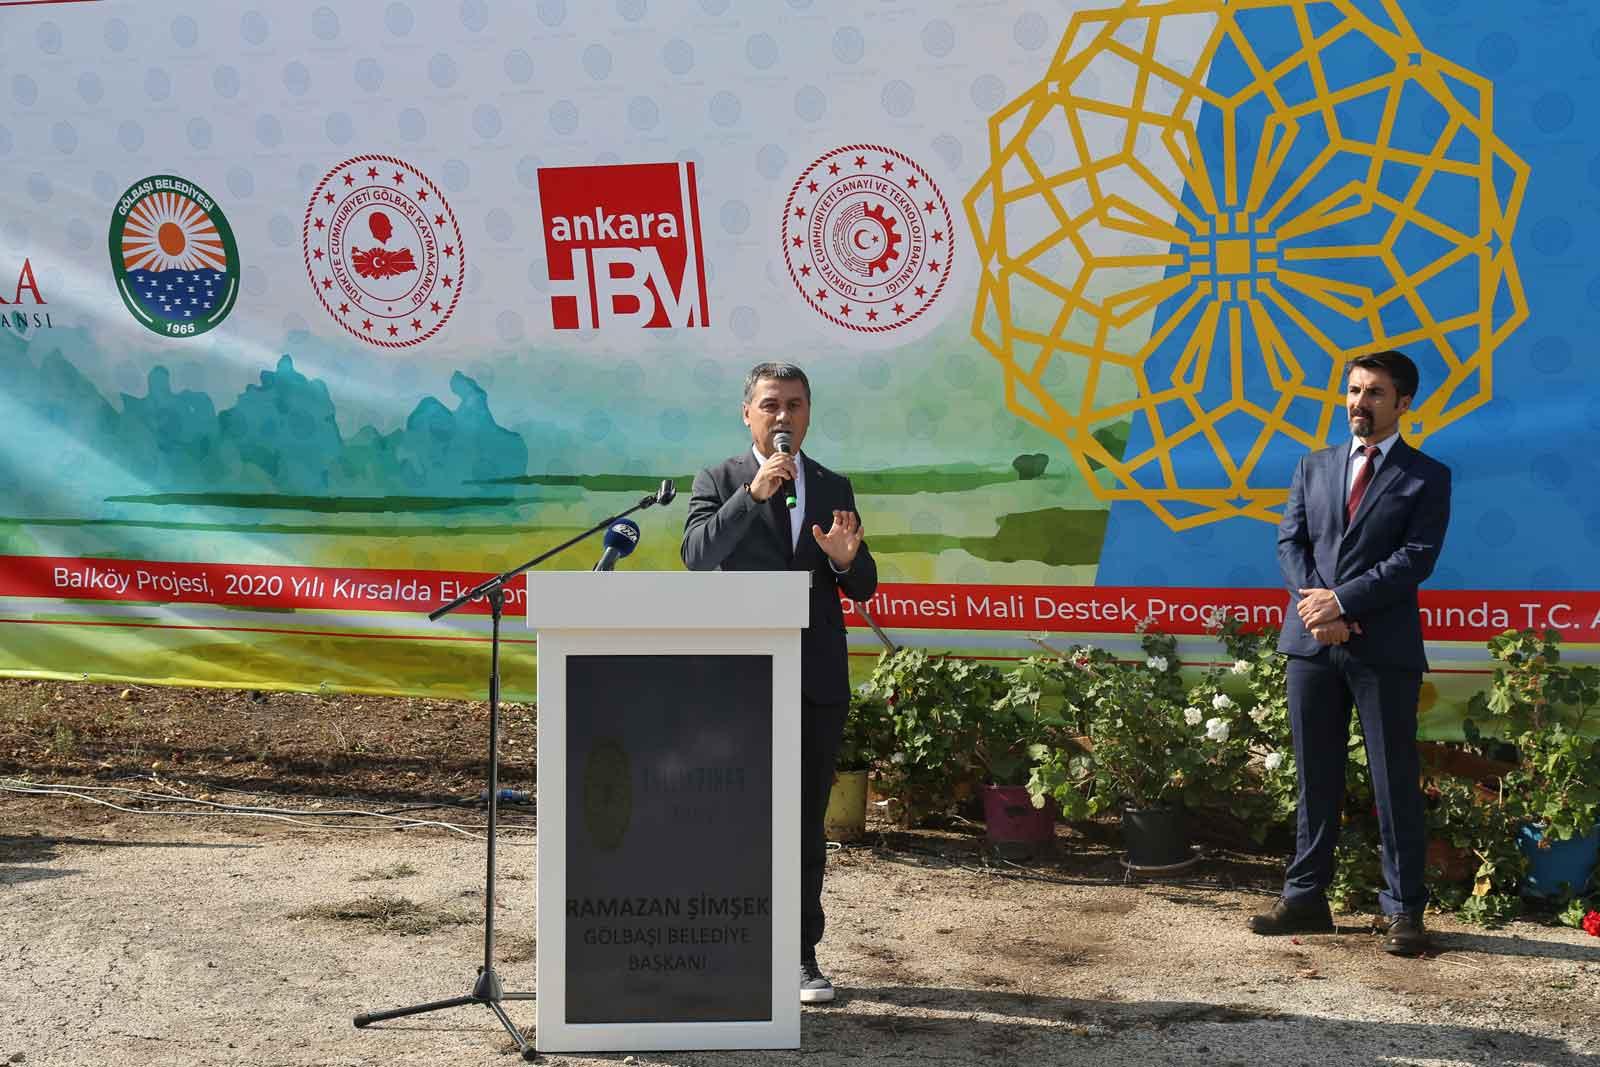 """Gölbaşı Kırsalı Kalkınma Projesi Olan """"Balköy Projesi""""ne Başladı"""